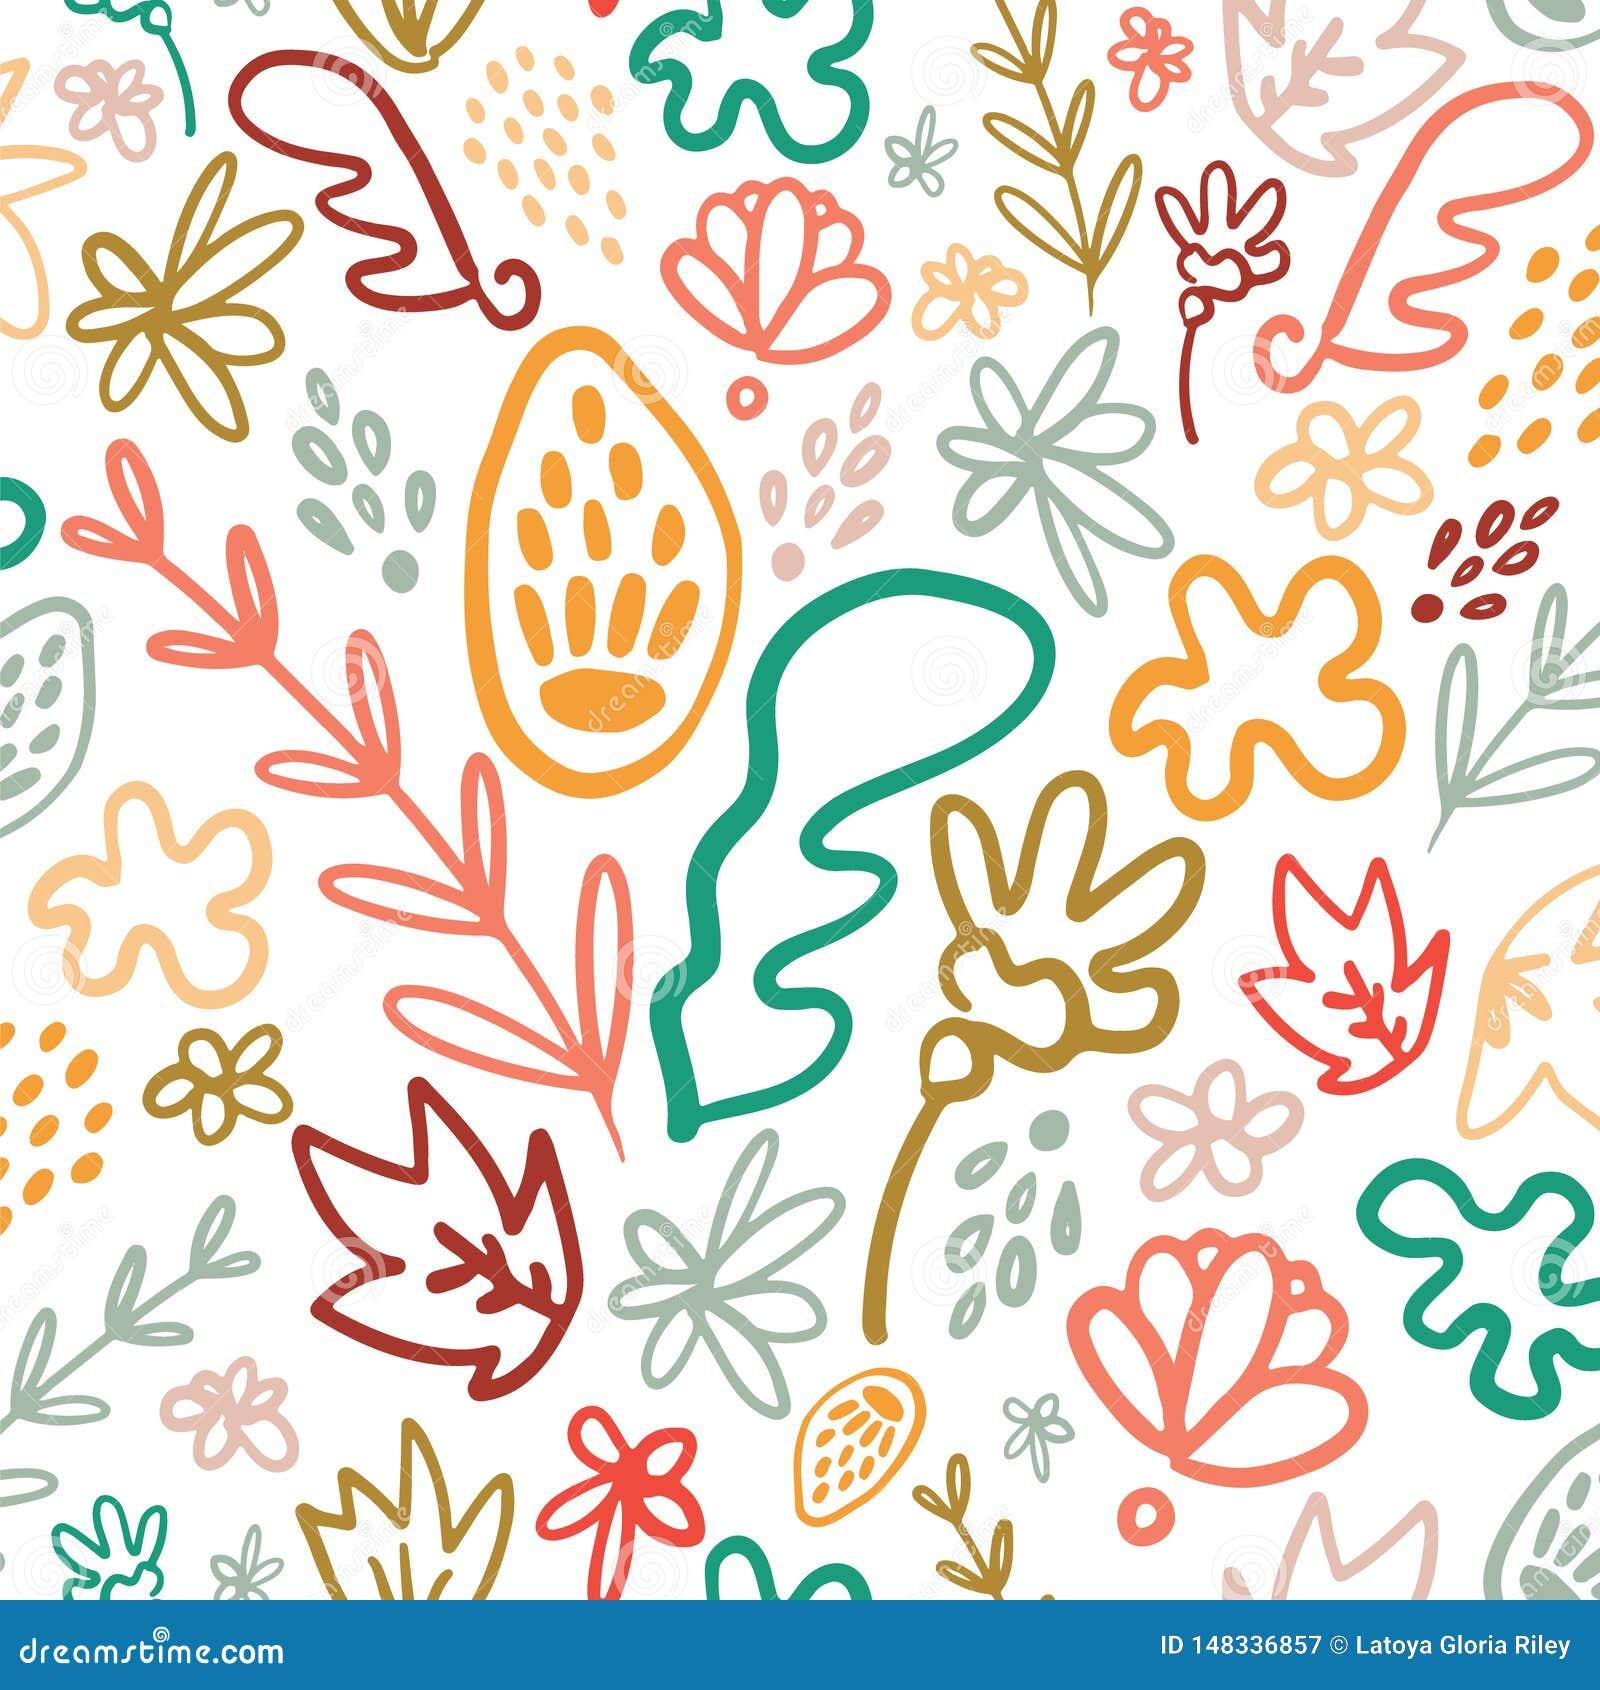 Φωτεινό floral άνευ ραφής σχέδιο ποτ πουρί